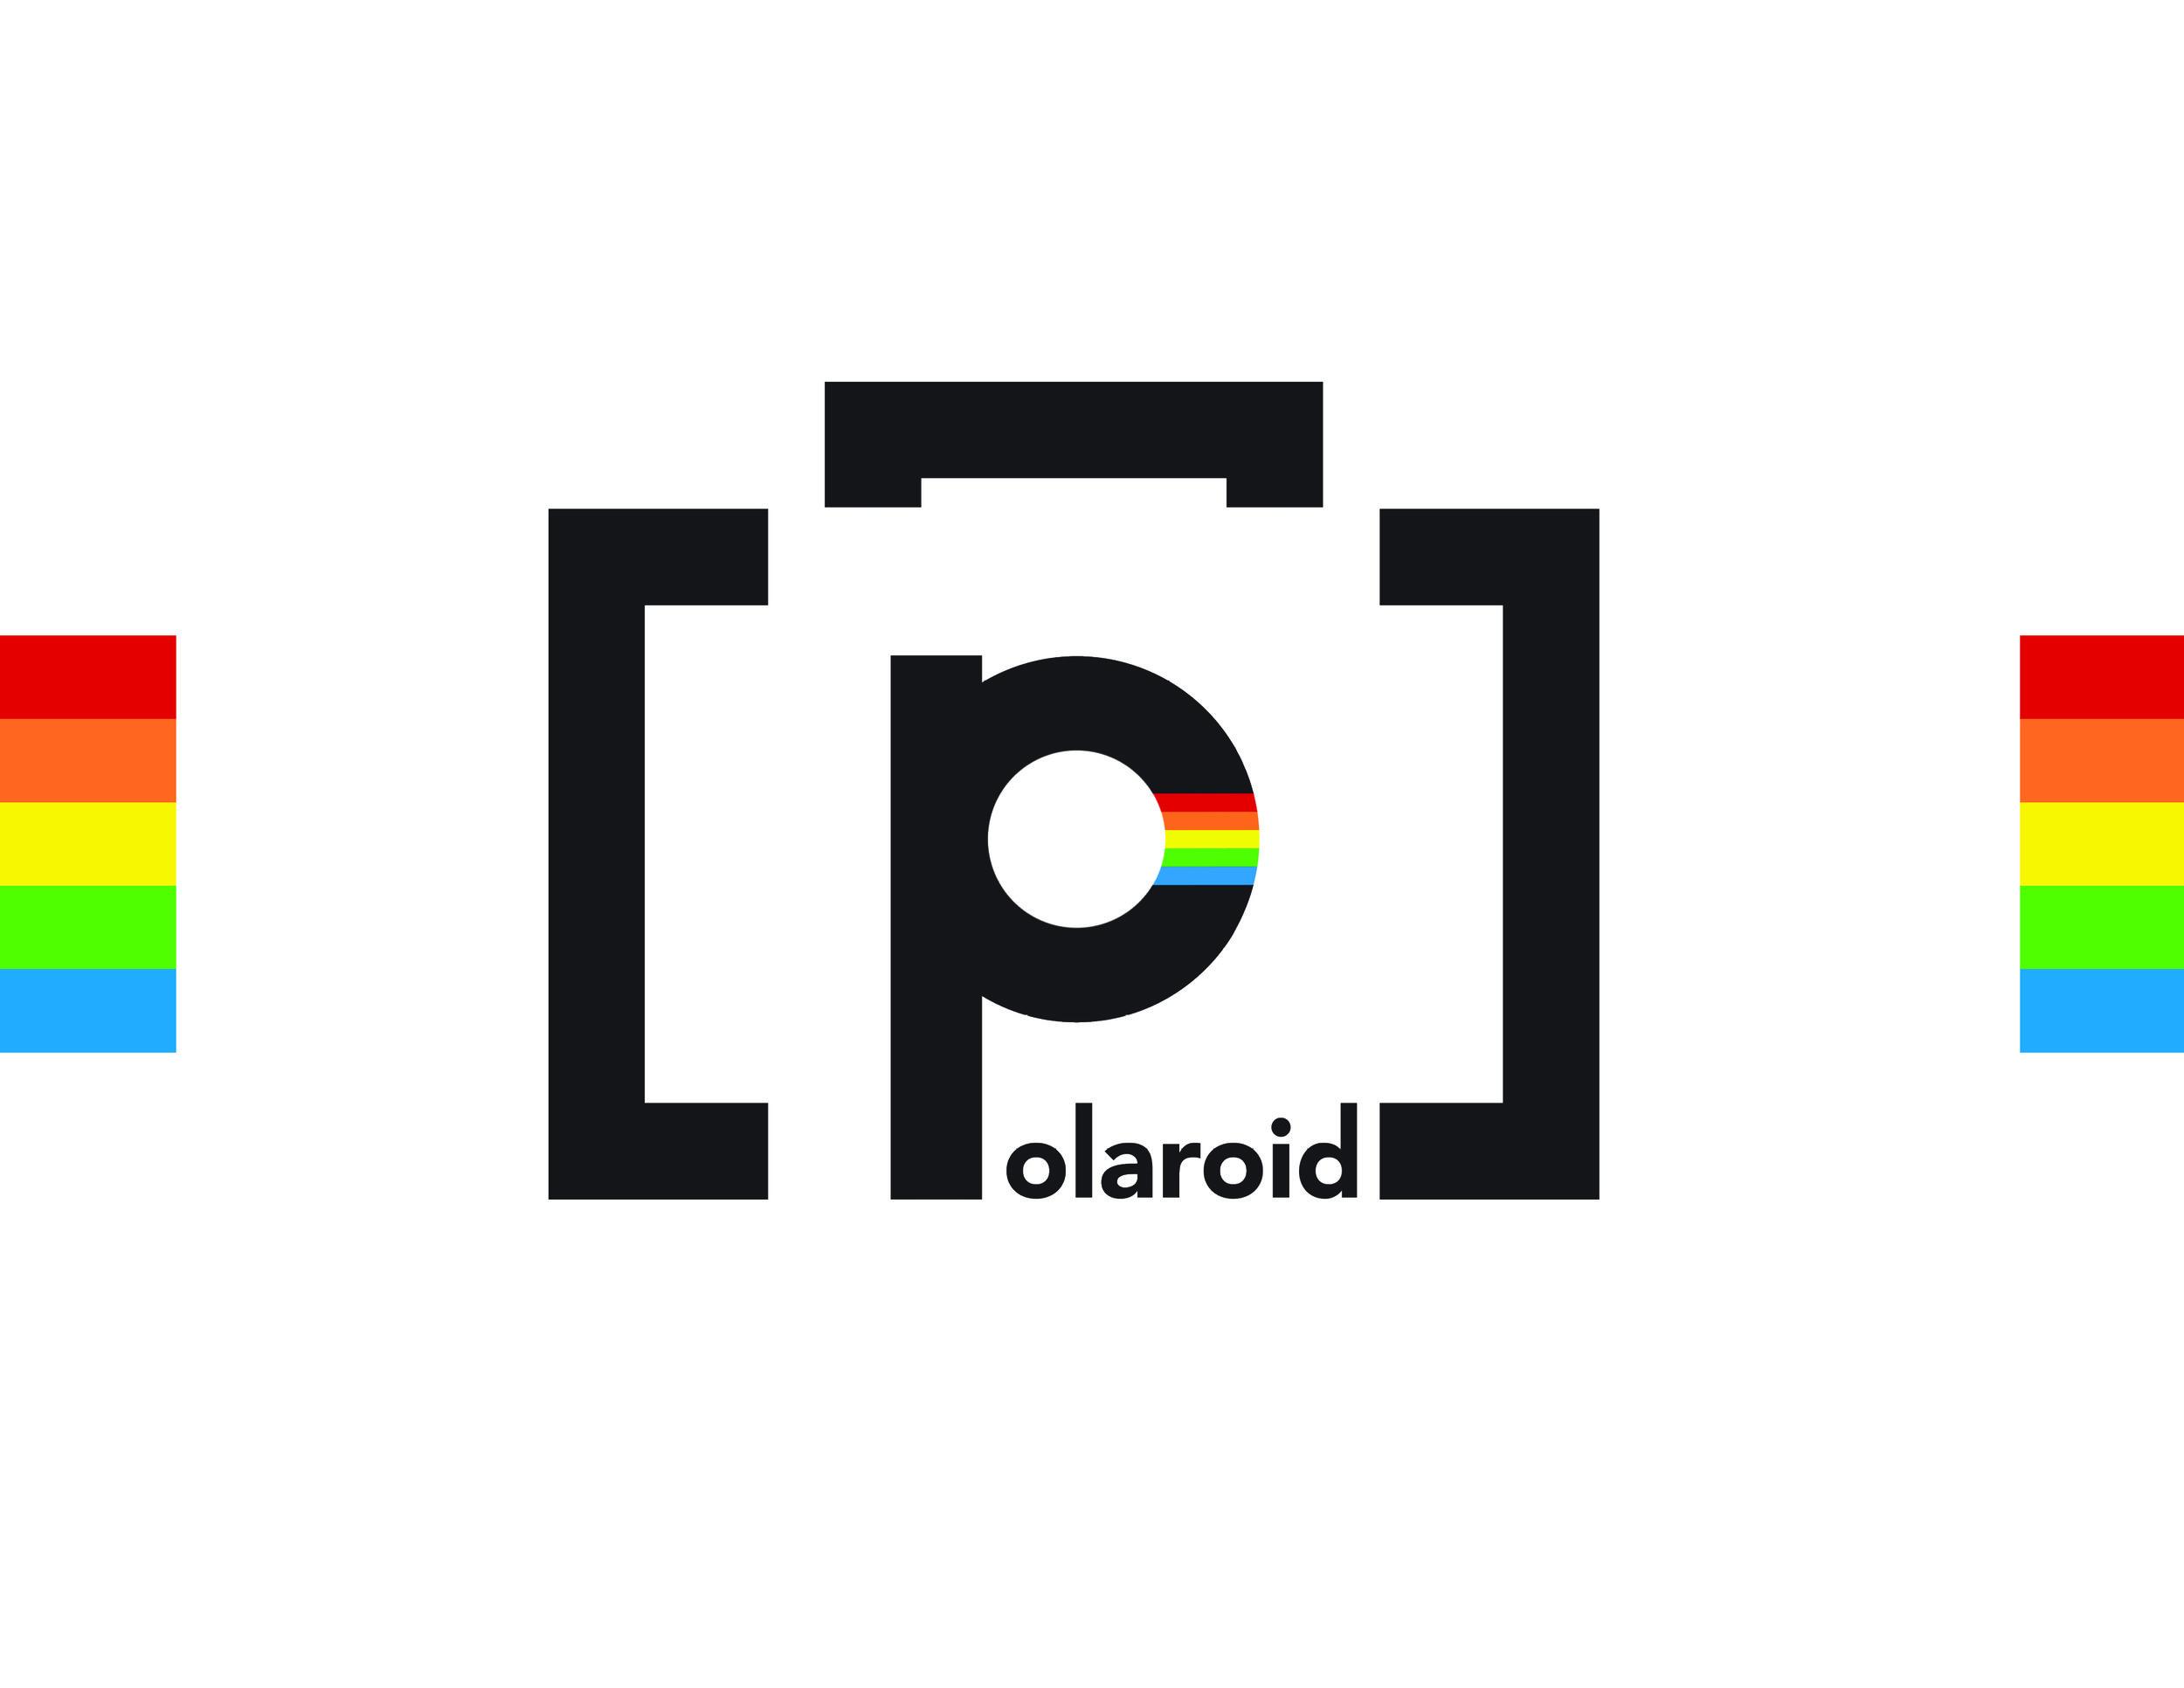 Polaroid Brand Guide 1.jpg